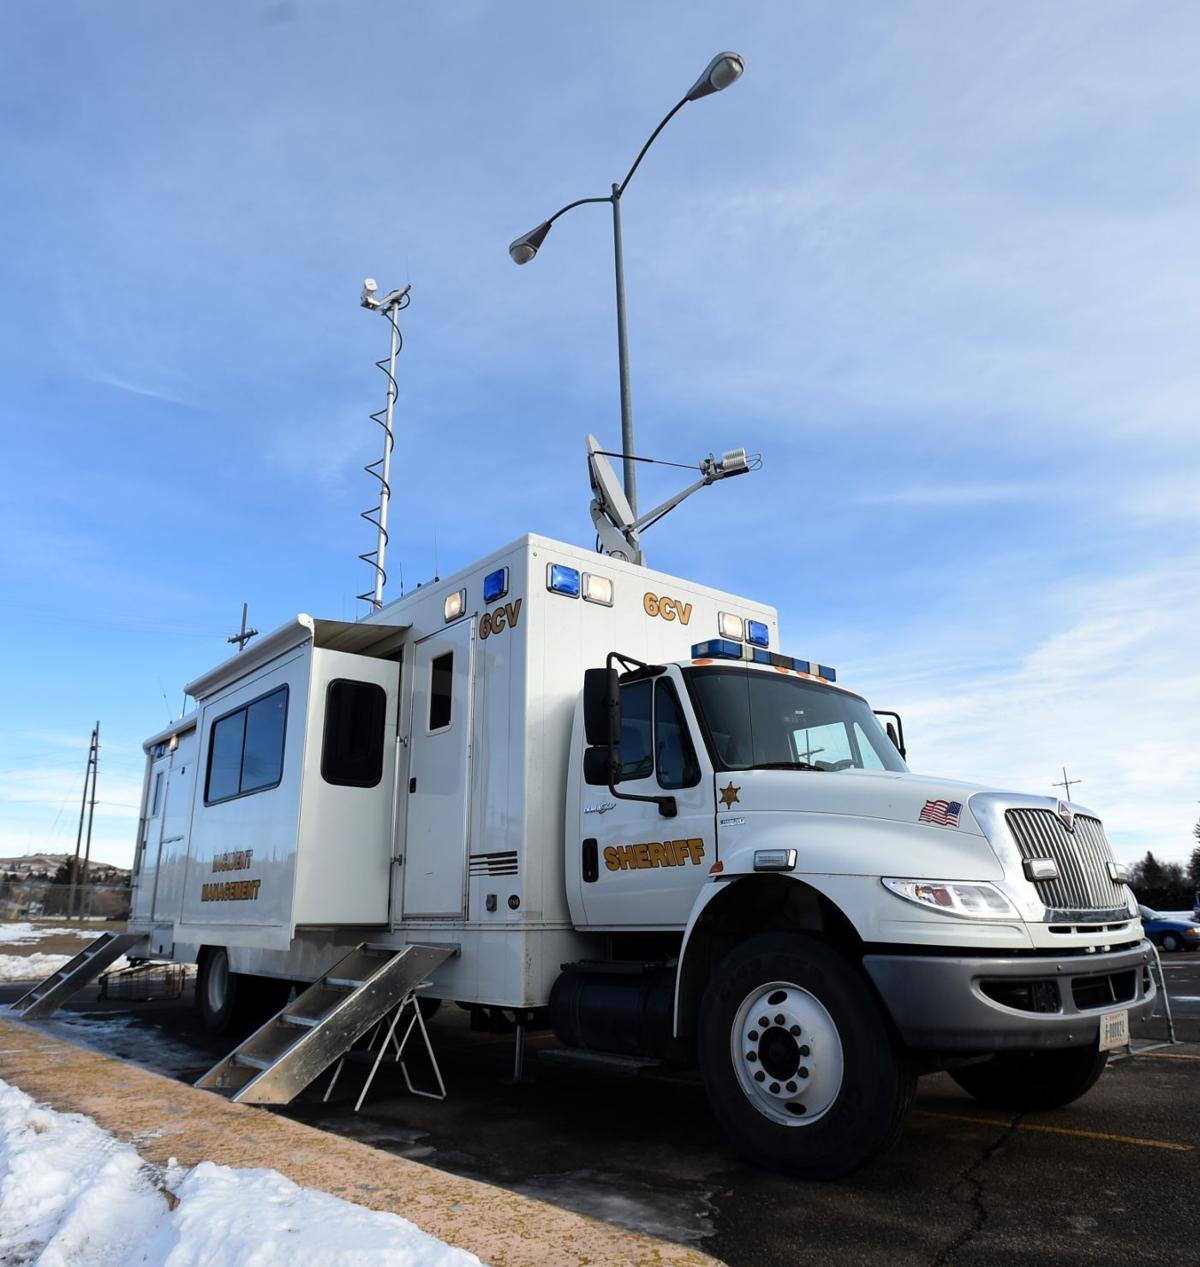 Denver Officer Involved Shootings 2016 Details About Dead: Man Dead After Officer-involved Shooting In Livingston